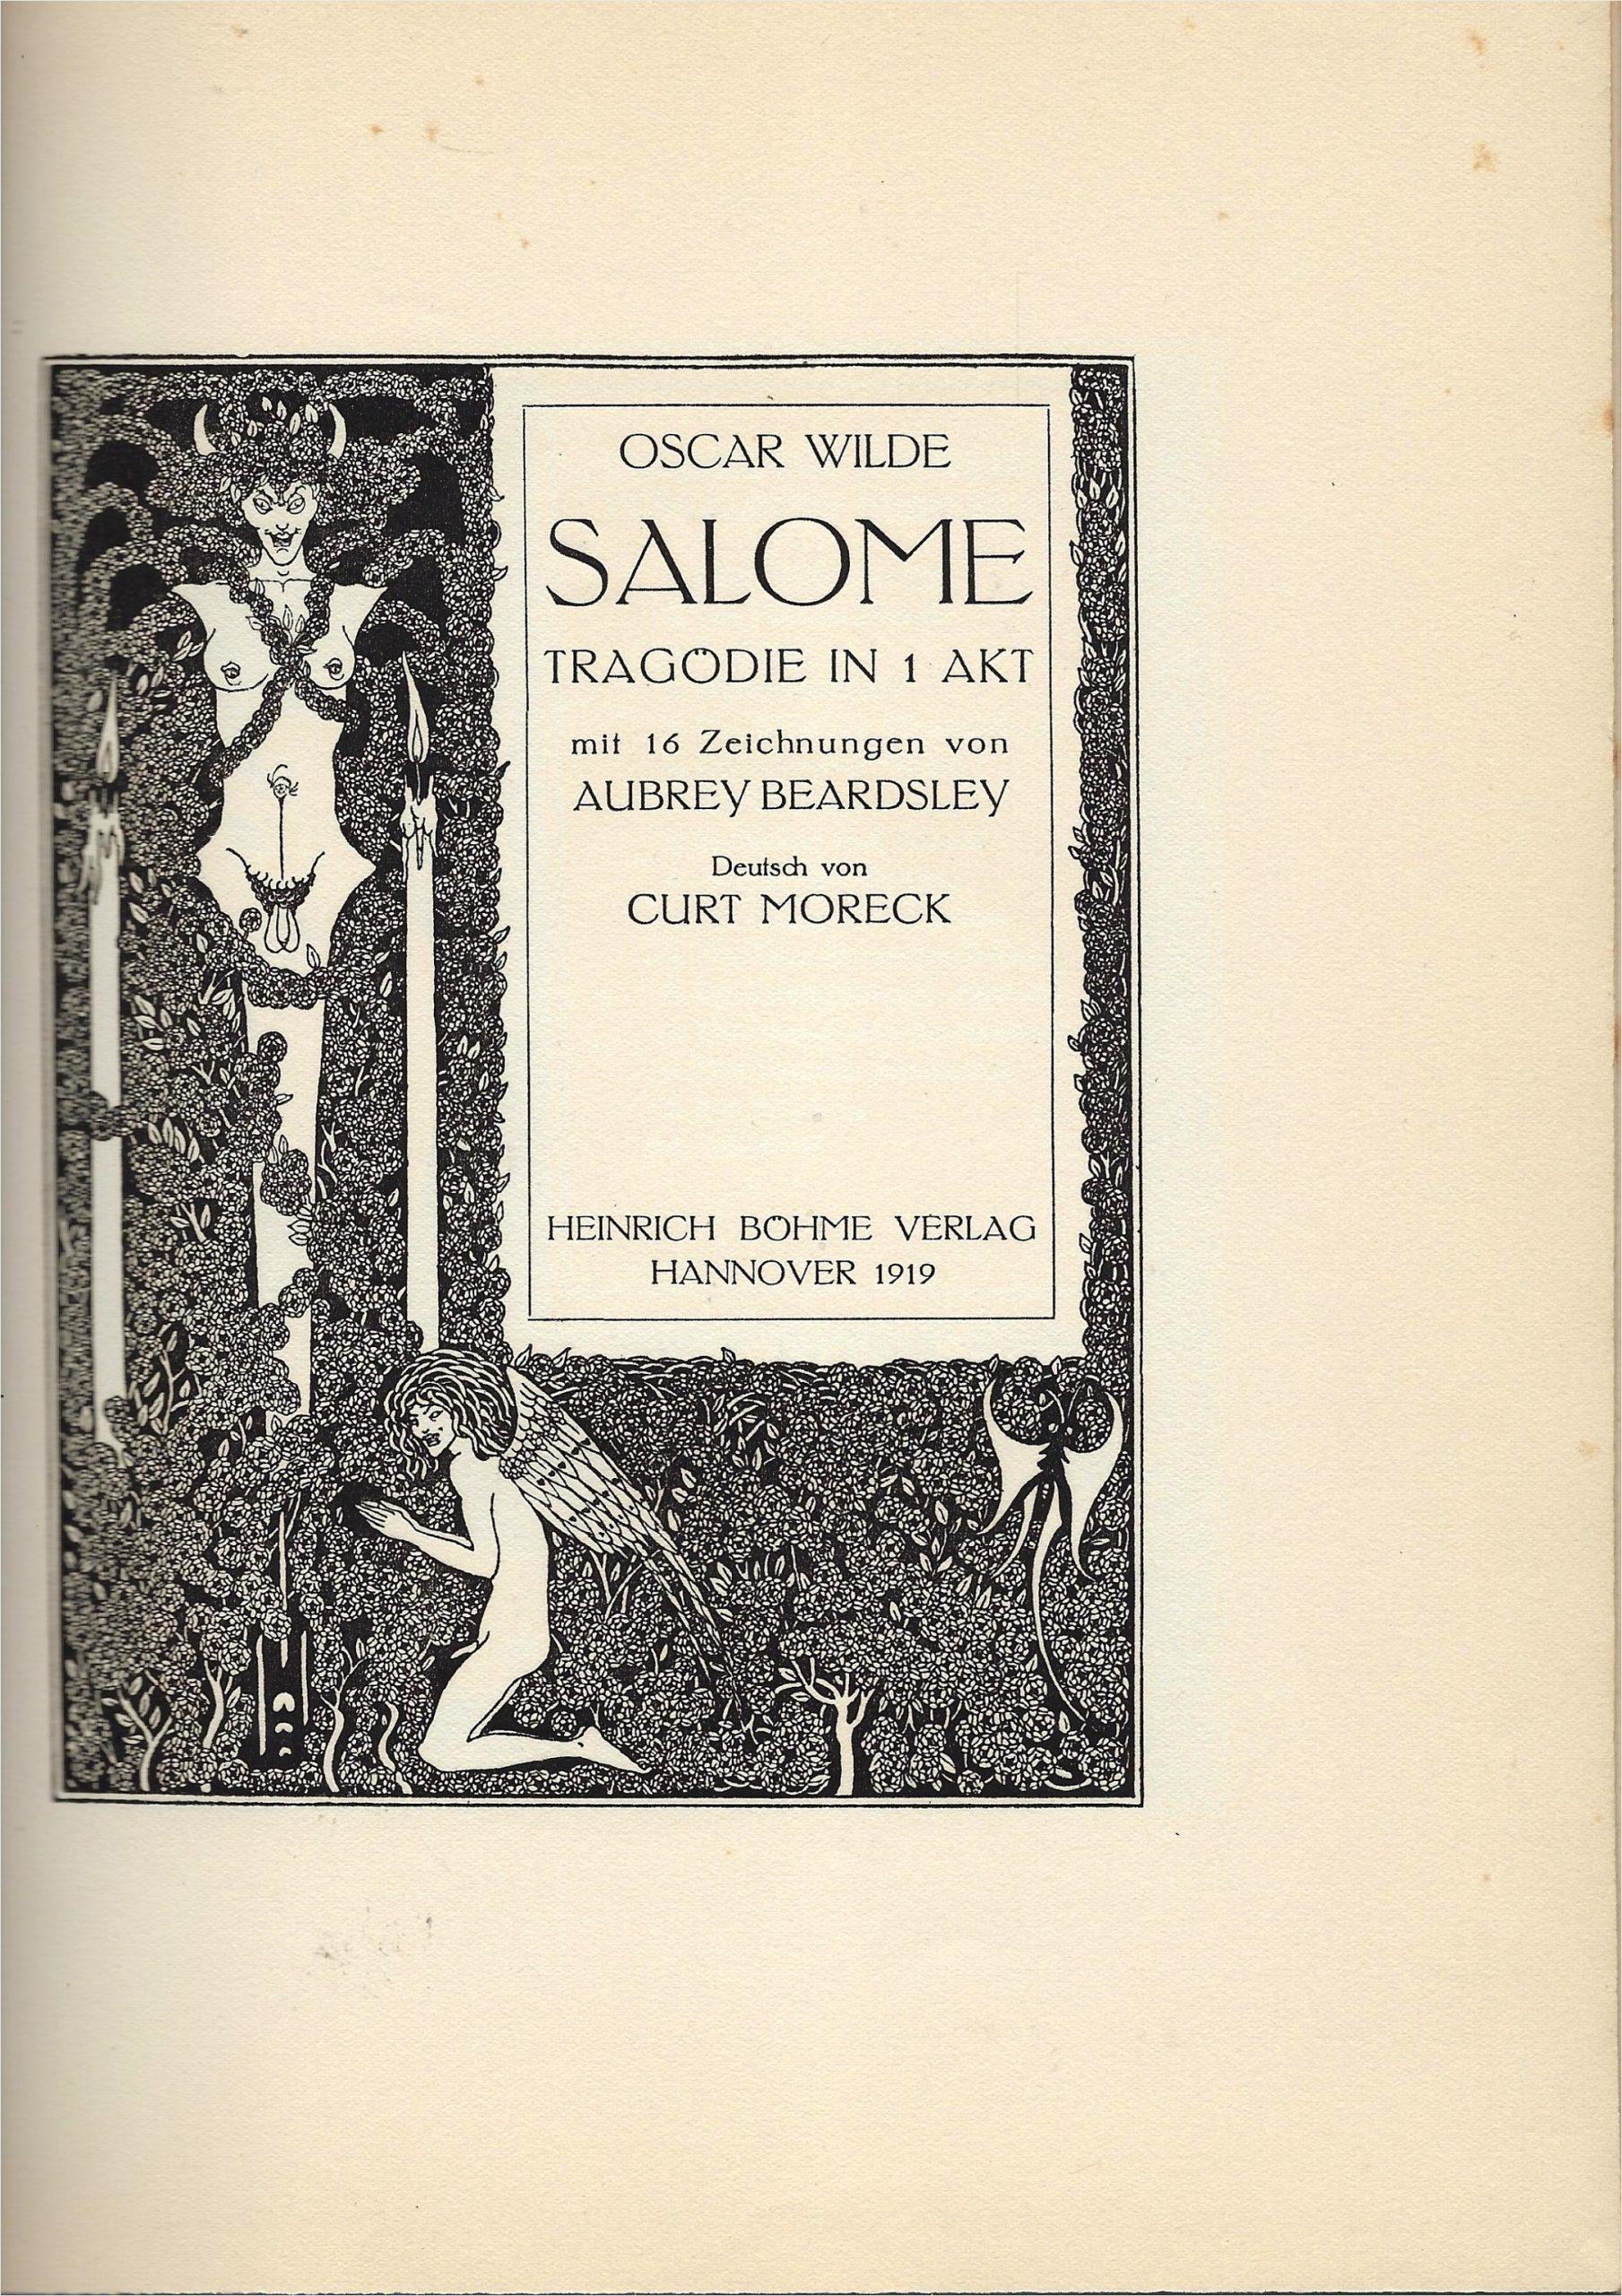 salome trago 1 akt owteu